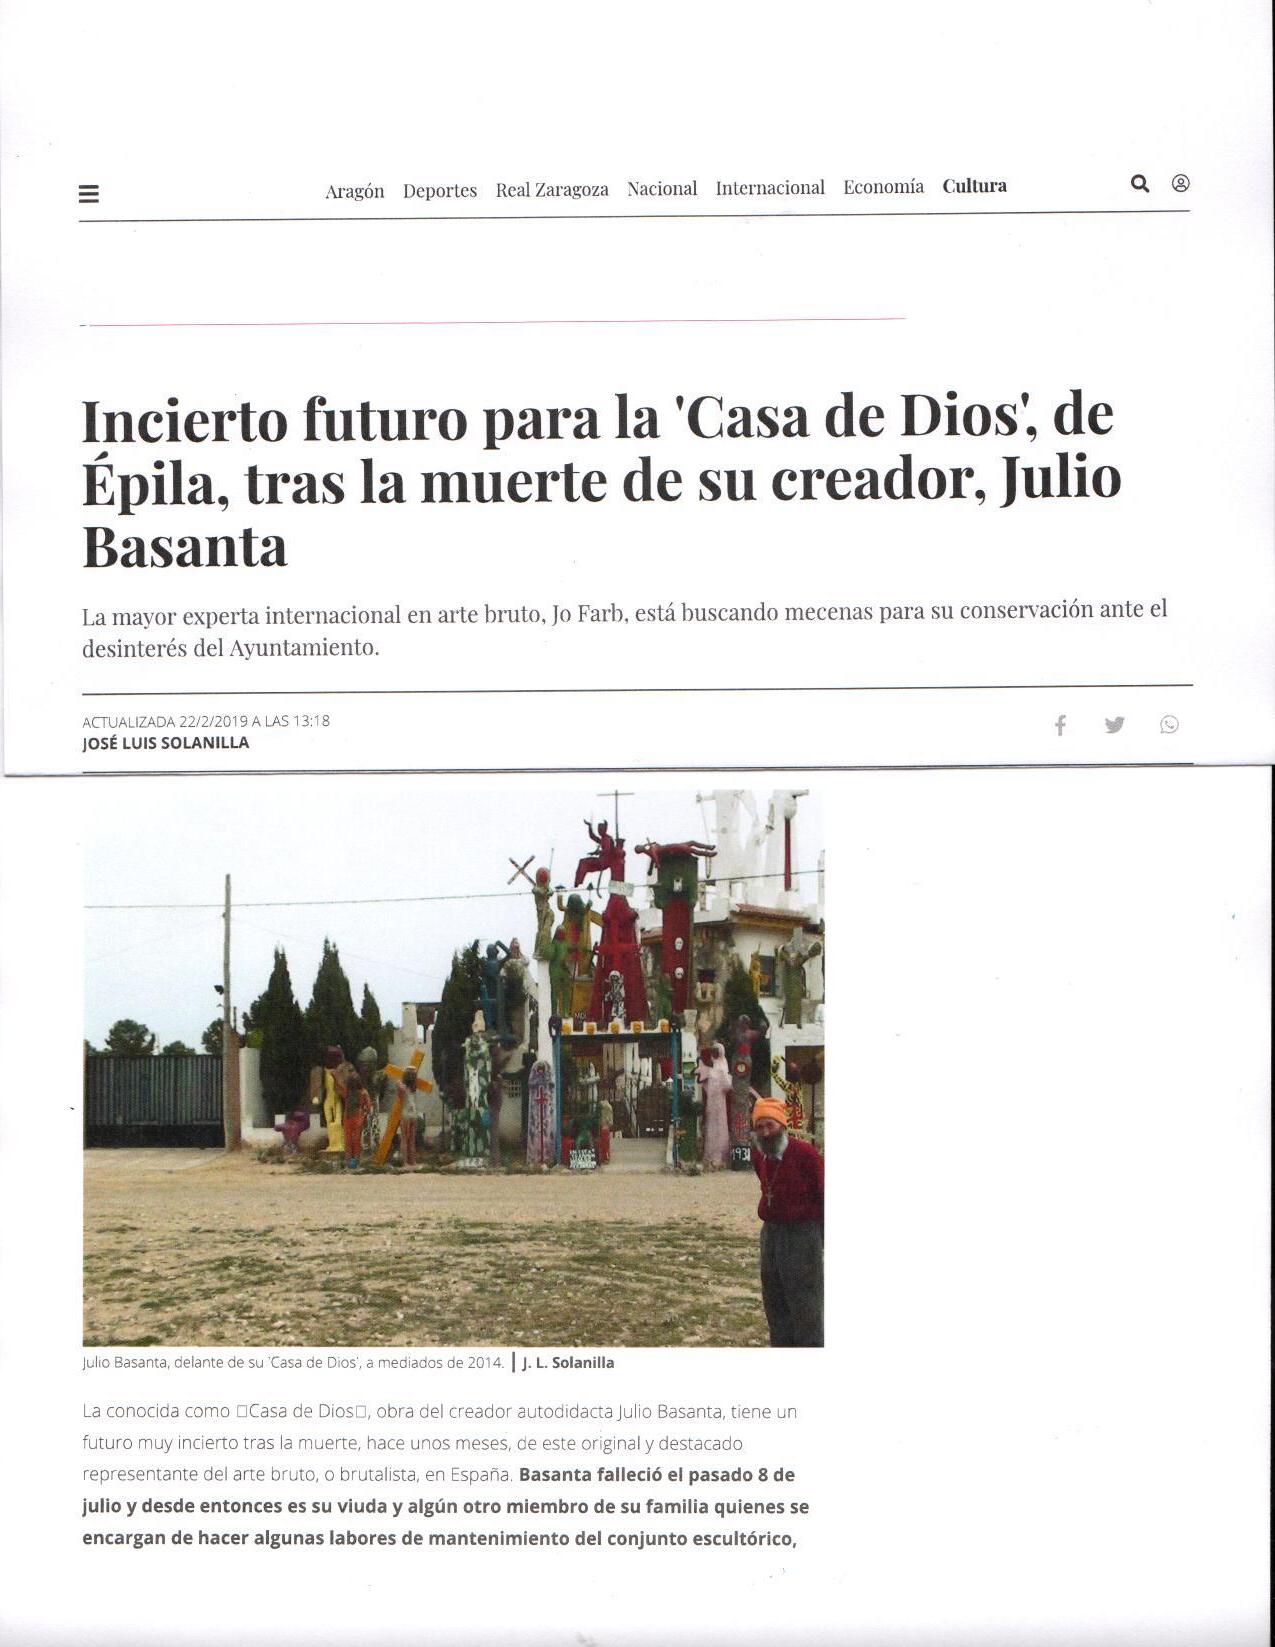 Incierto futuro para la 'Casa de Dios', de Épila, tras la muerte de su creador, Julio Basanta _ Heraldo.es_Page_1